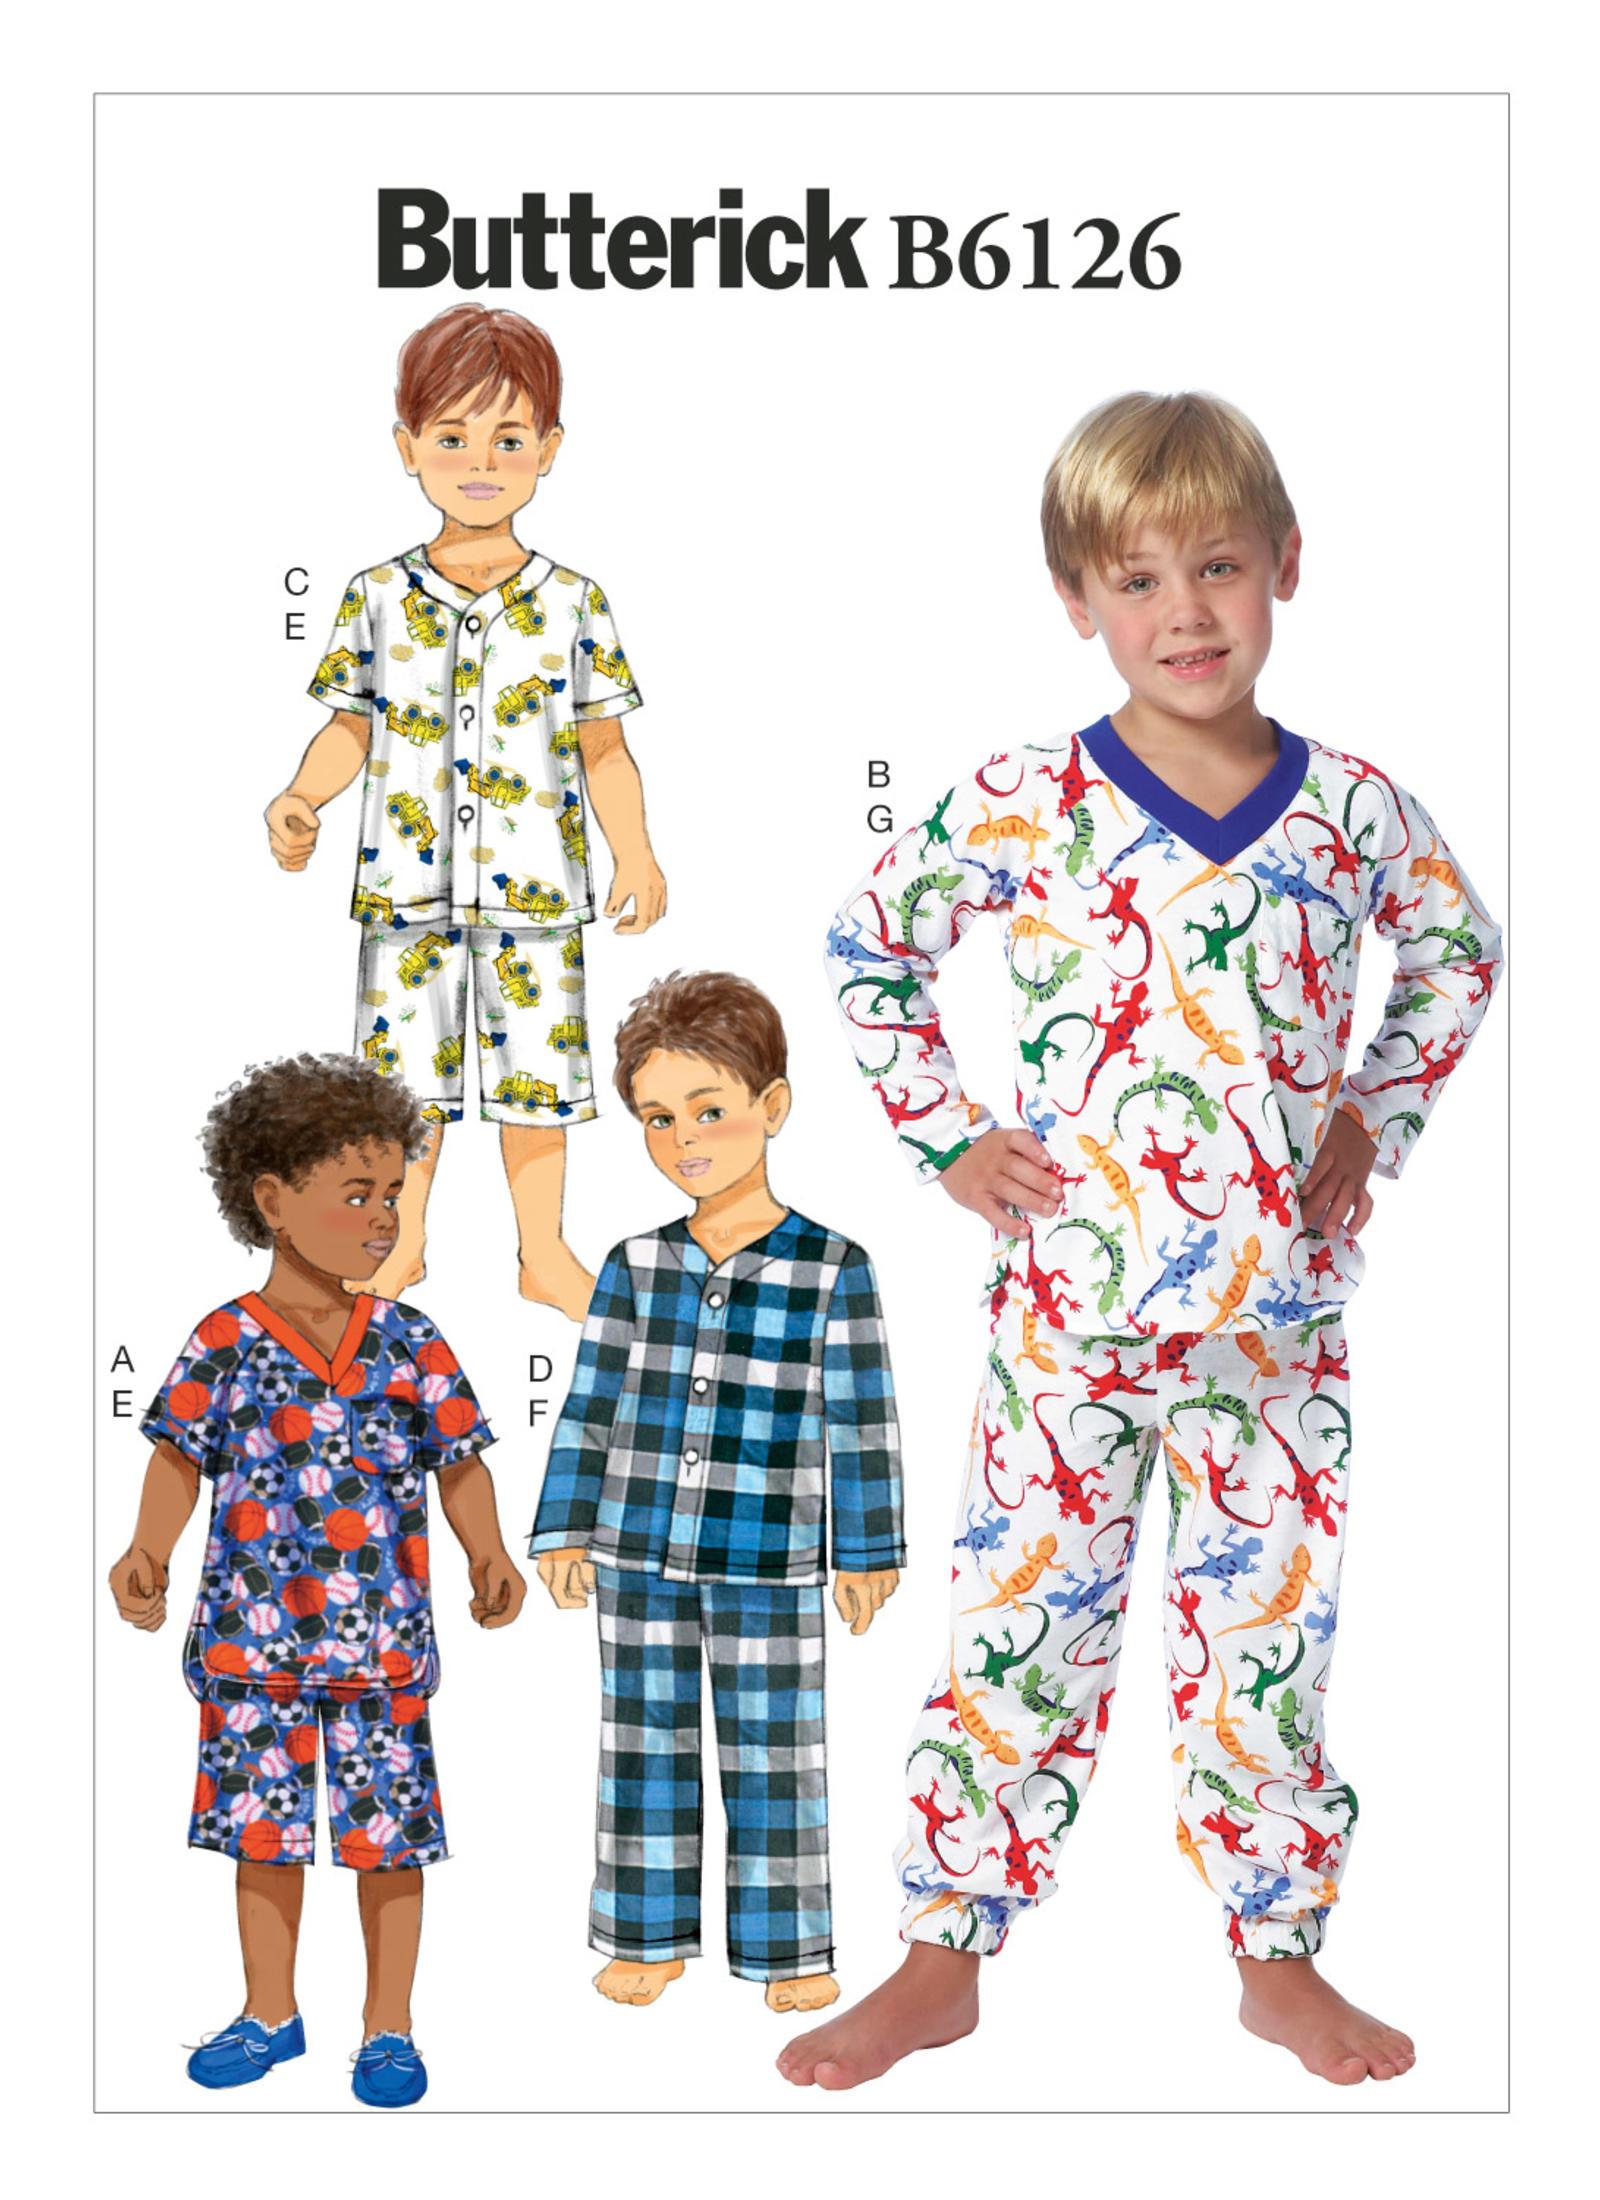 แพทเทิร์นตัดชุดนอน เสื้อมีทั้งแบบสวมหัว แบบกระดุม แขนสั้นแขนยาว กางเกงขาสั้น ขายาว Butterick 6126CD Size: 2-3-4-5 ขวบ